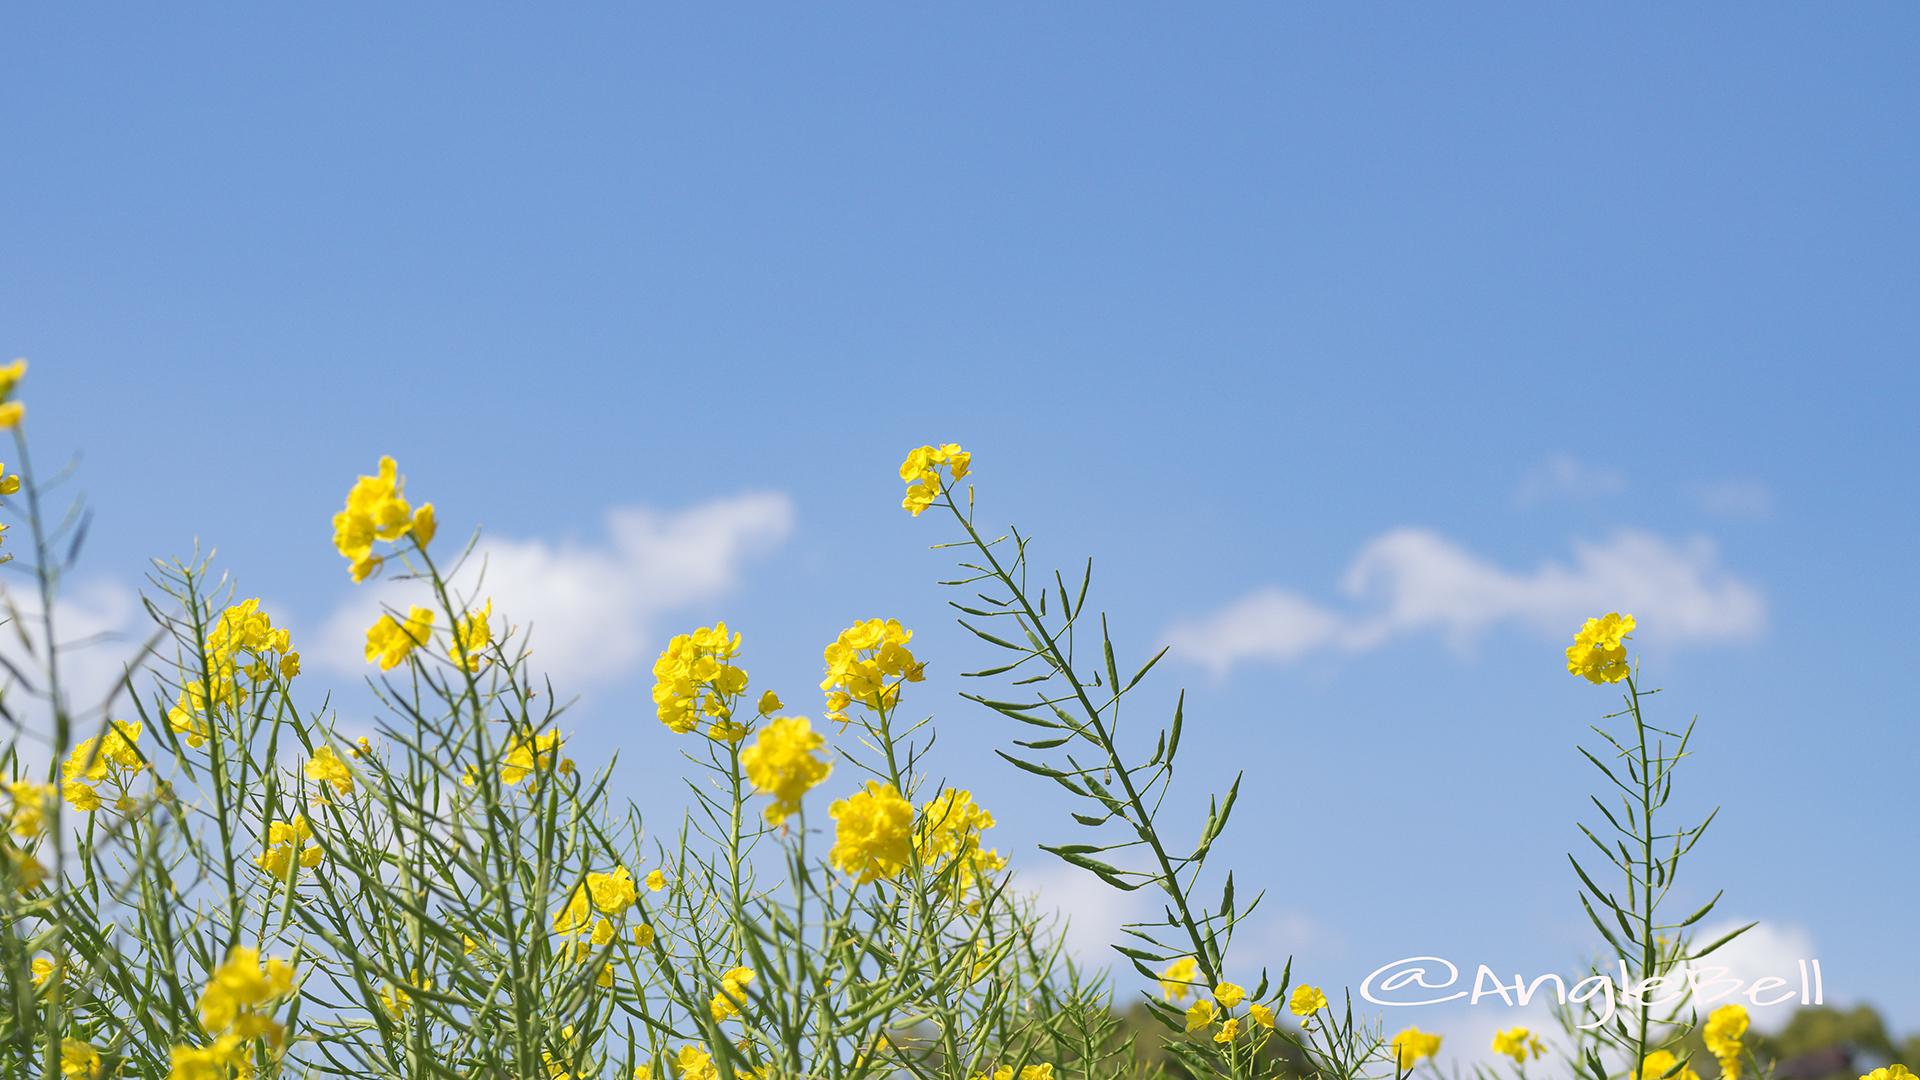 ナノハナ 菜の花 Flower Photo5